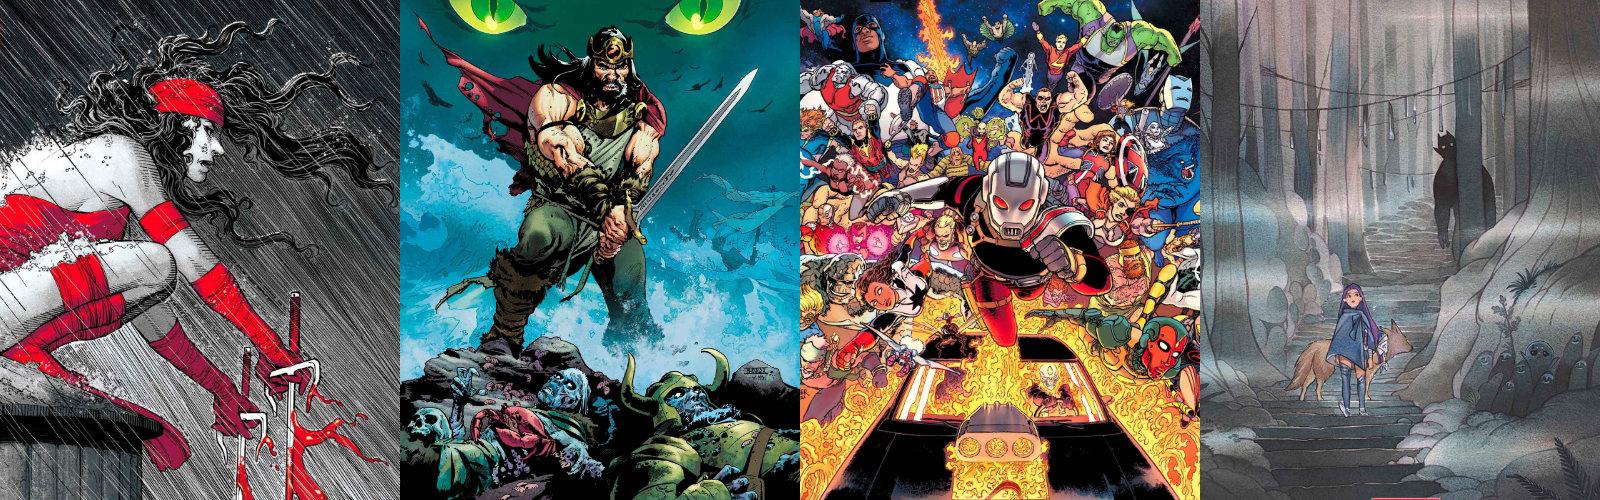 Solicitations: December 2021 – Marvel Comics